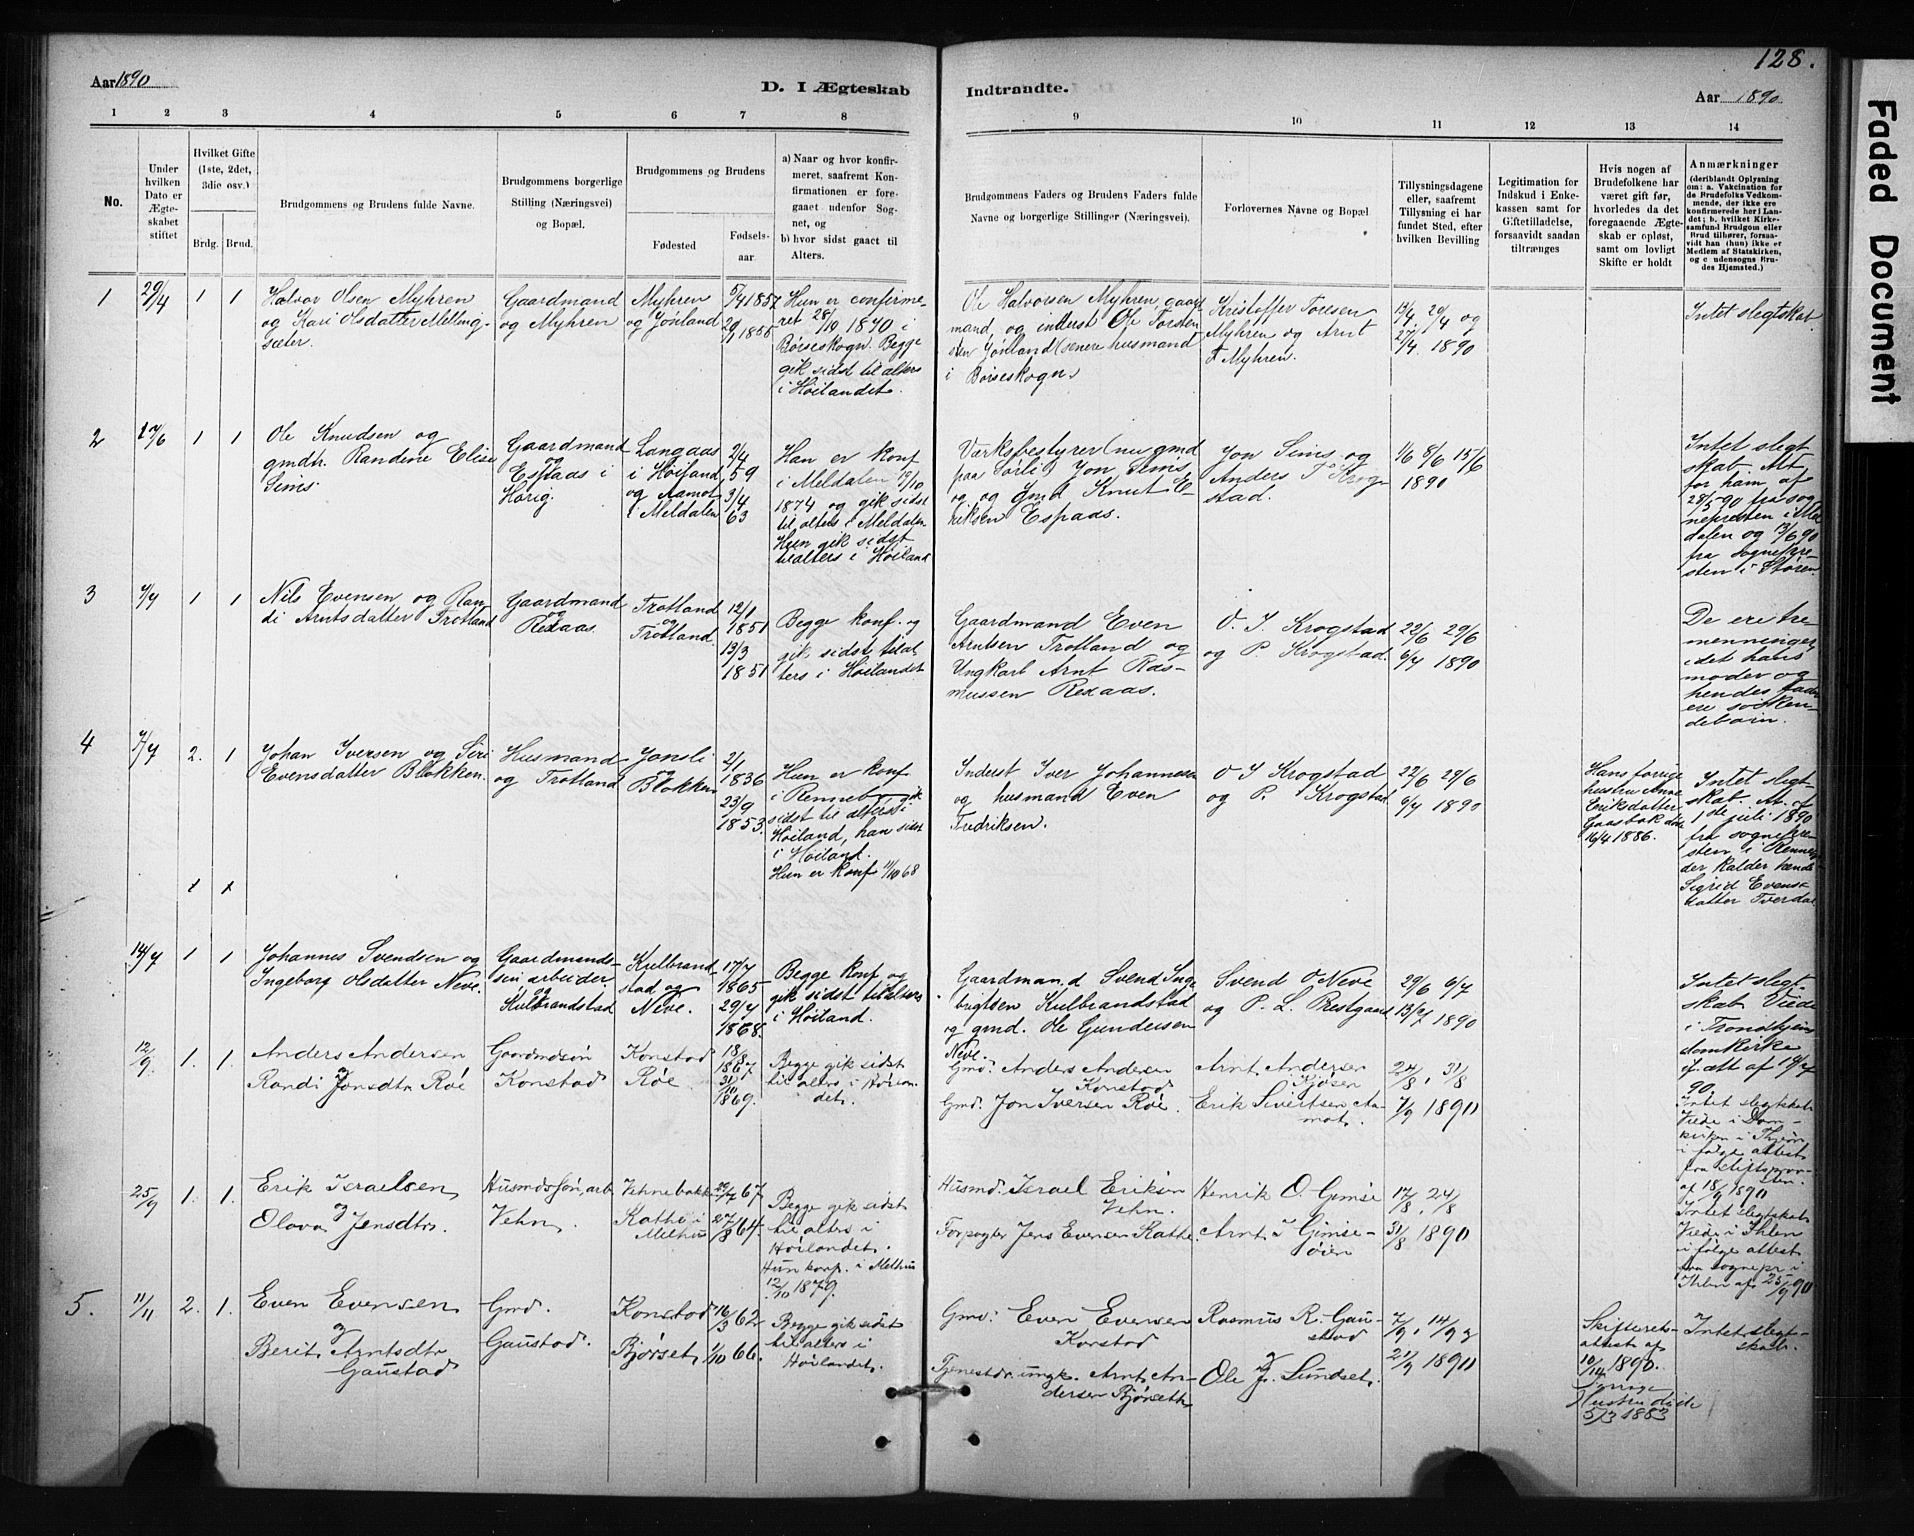 SAT, Ministerialprotokoller, klokkerbøker og fødselsregistre - Sør-Trøndelag, 694/L1127: Ministerialbok nr. 694A01, 1887-1905, s. 128